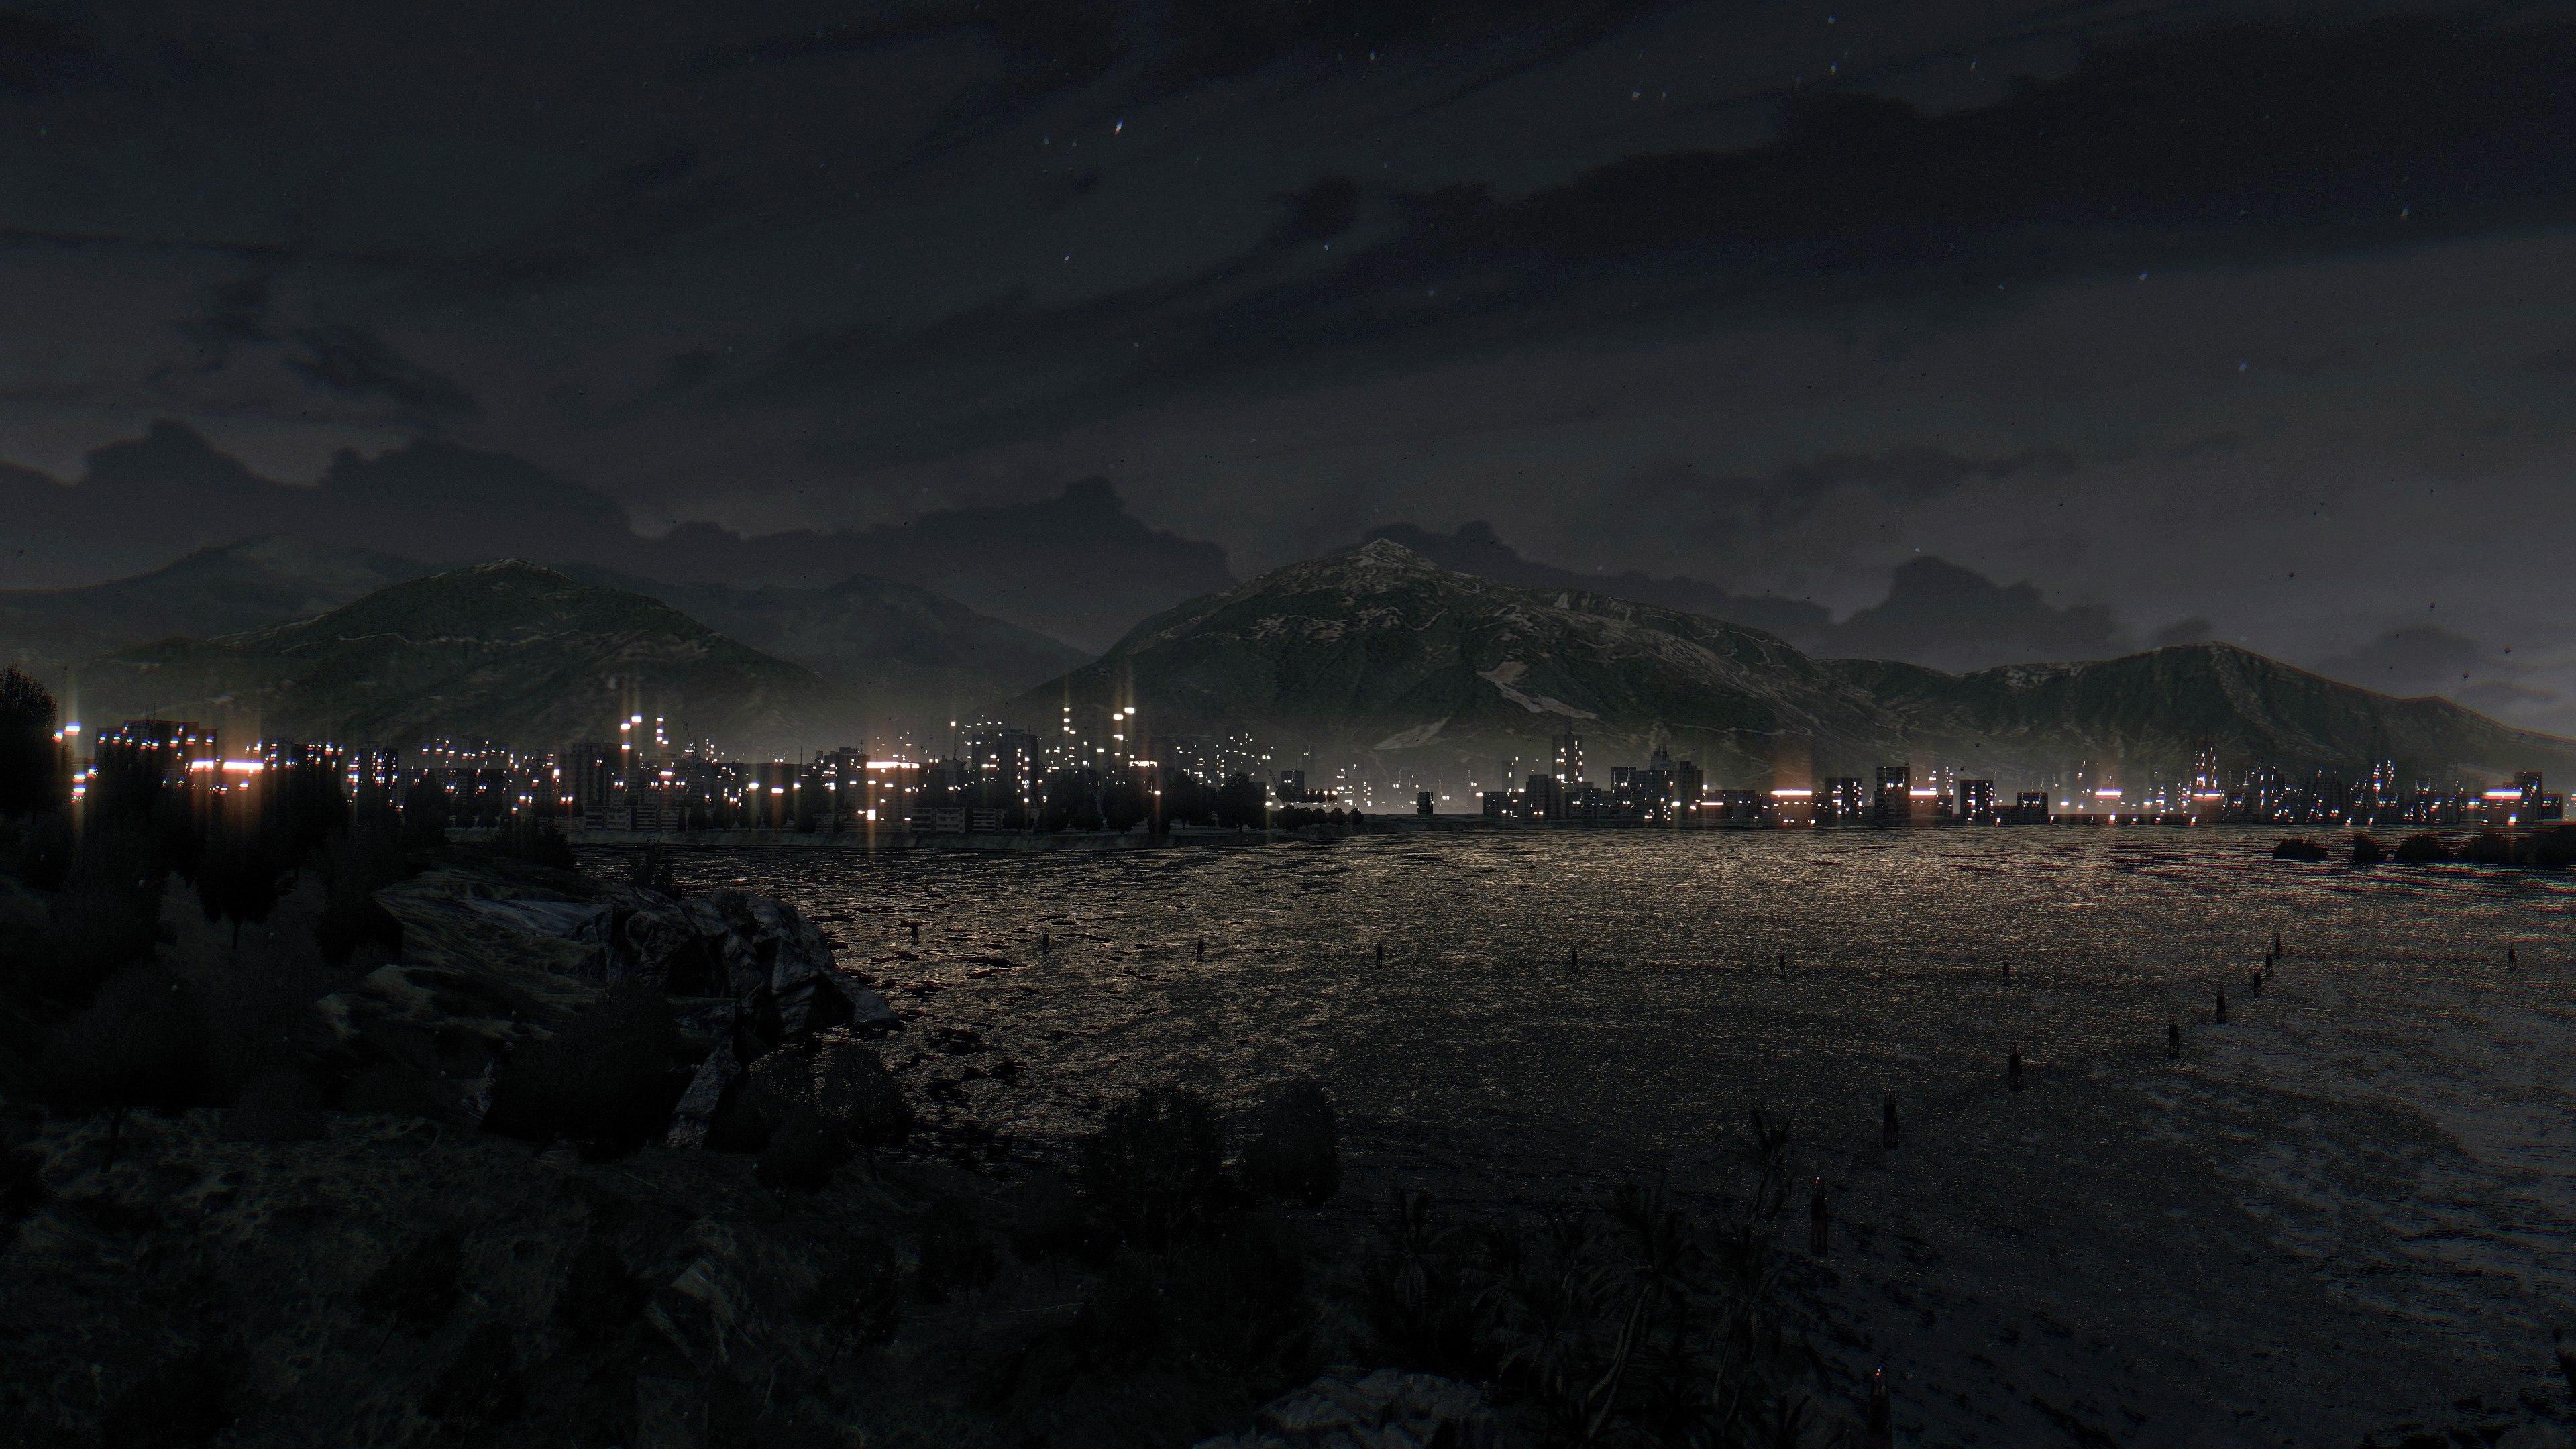 سی دی کی اریجینال استیم بازی Dying Light: The Following - Enhanced Edition